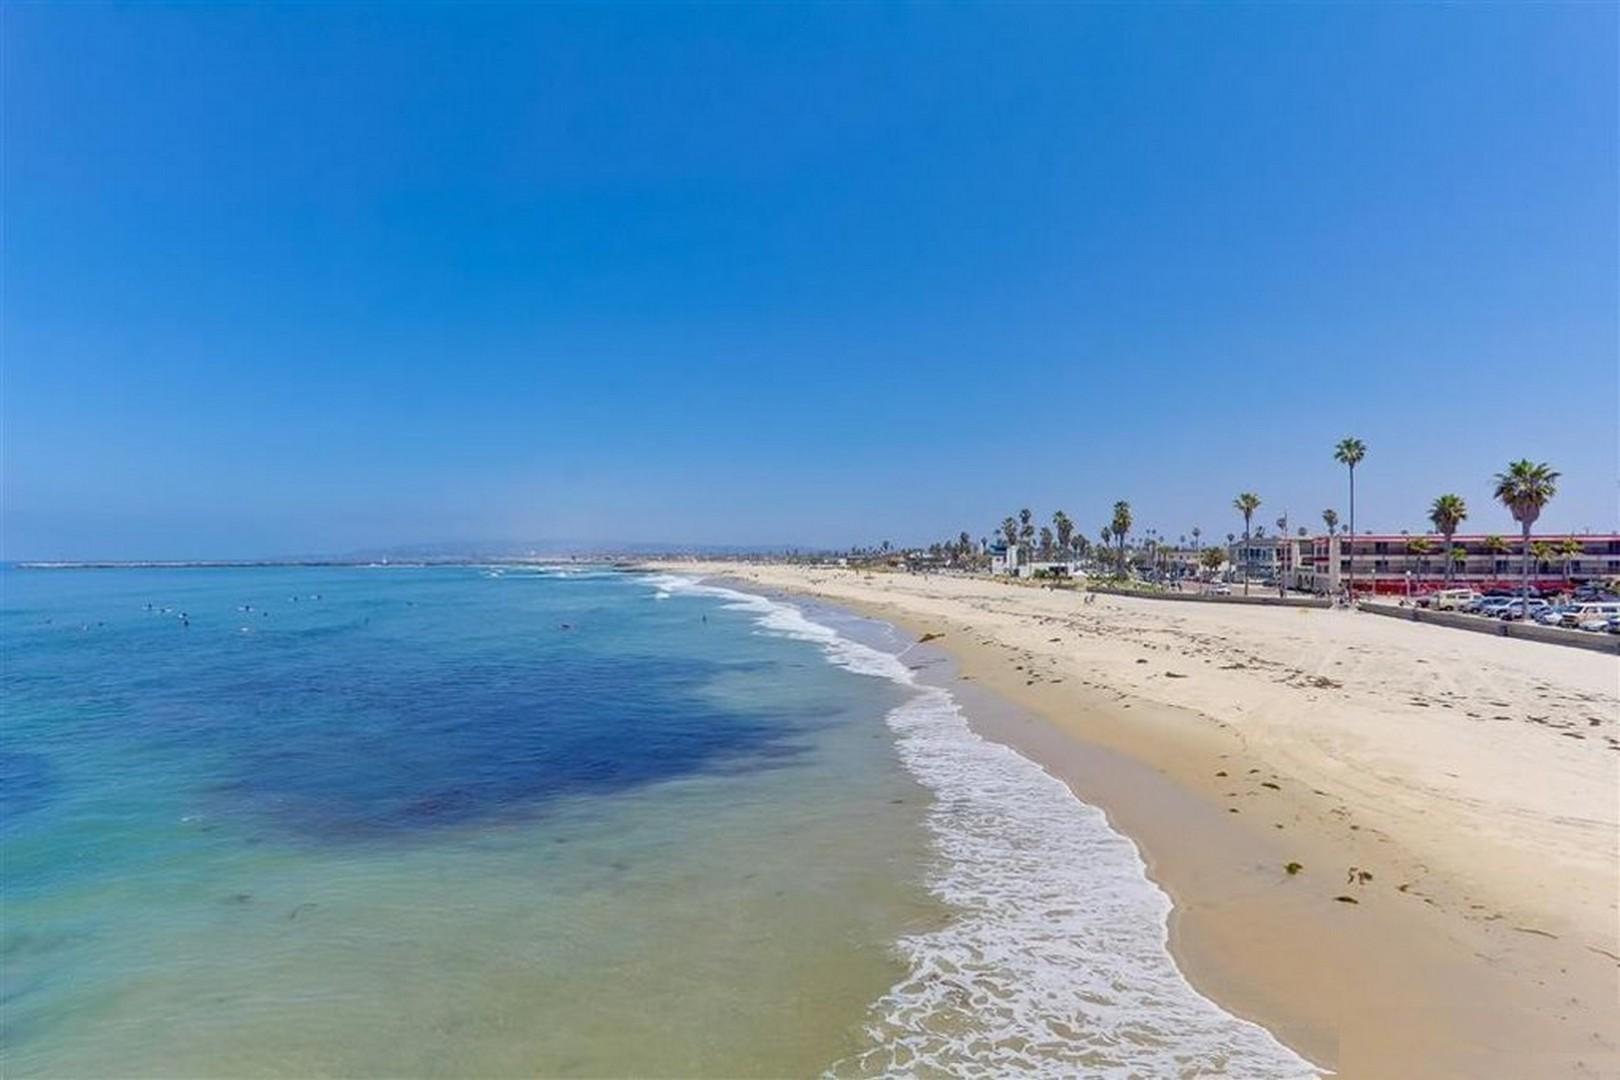 Sandy beach at Ocean Beach